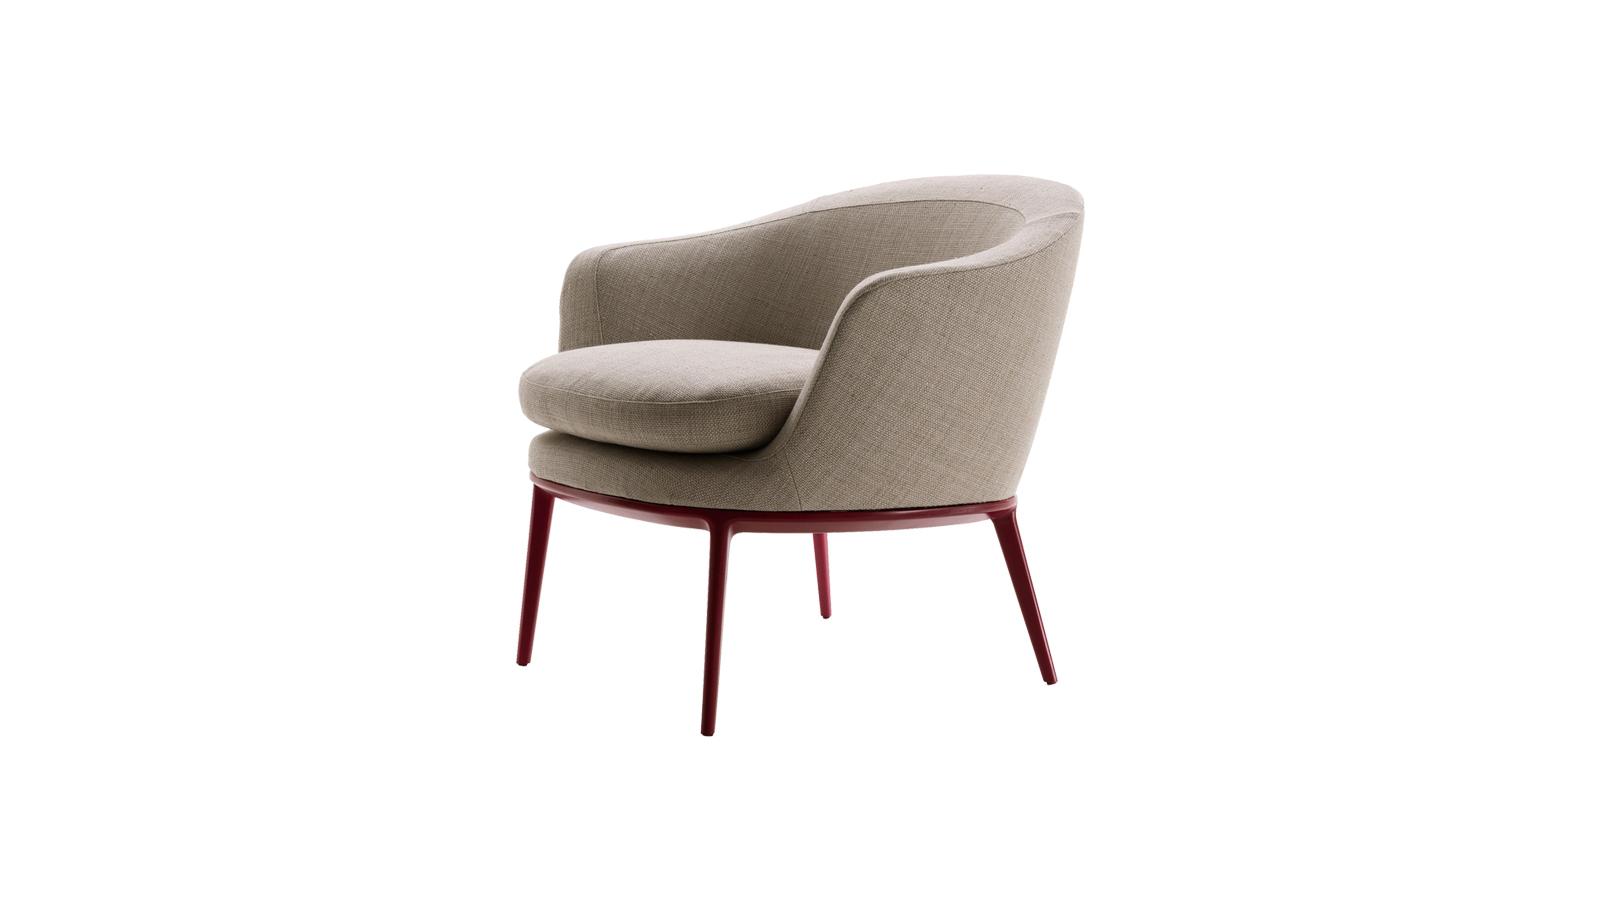 A Caratos székek a Maxalto kollekció talán legkreatívabb darabjai, melyeknek hála új szintet ért el a precíz és prémium bútortervezés. A formák és anyagok sokszínűsége miatt számos enteriőrben megállják a helyüket, ám változatosságukon túl egy dolog biztosan közös bennük: a modern alumínium lábak.